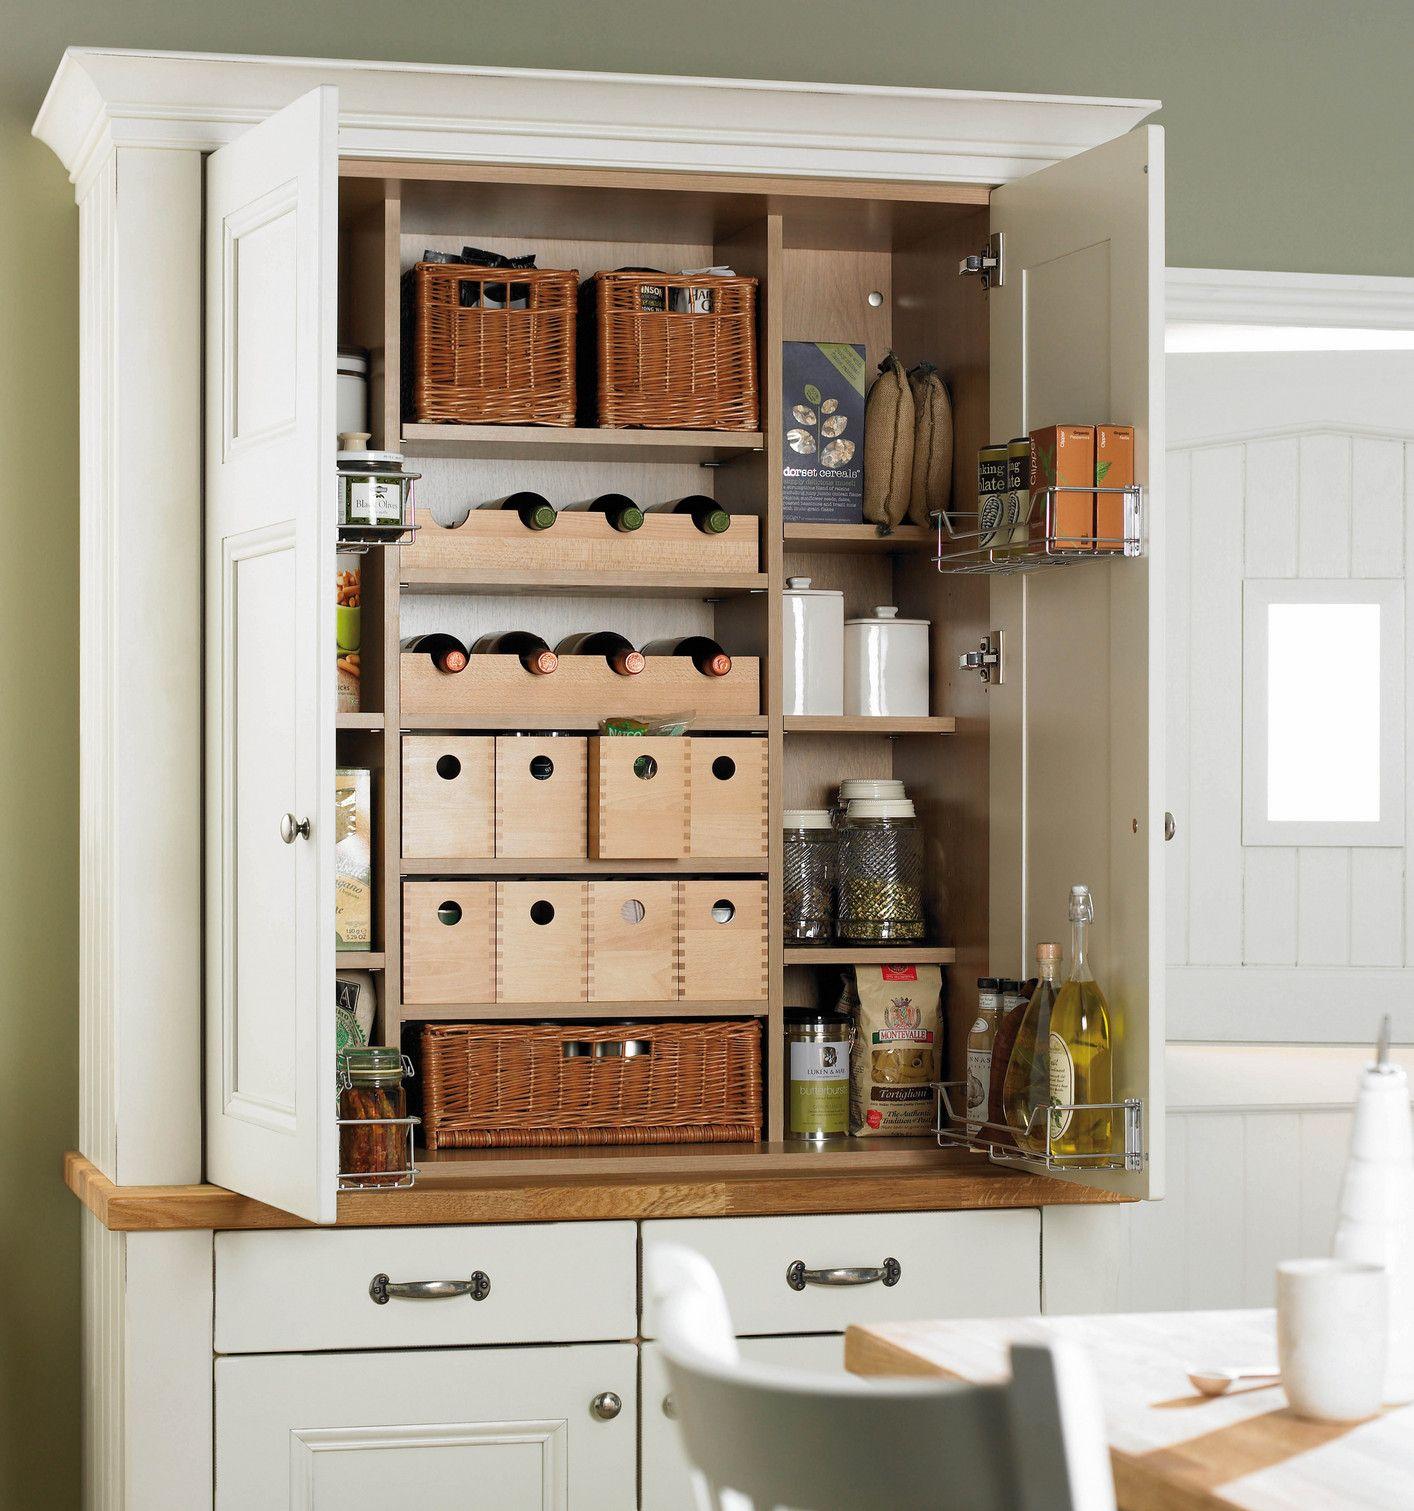 Freestanding White Kitchen Shelves